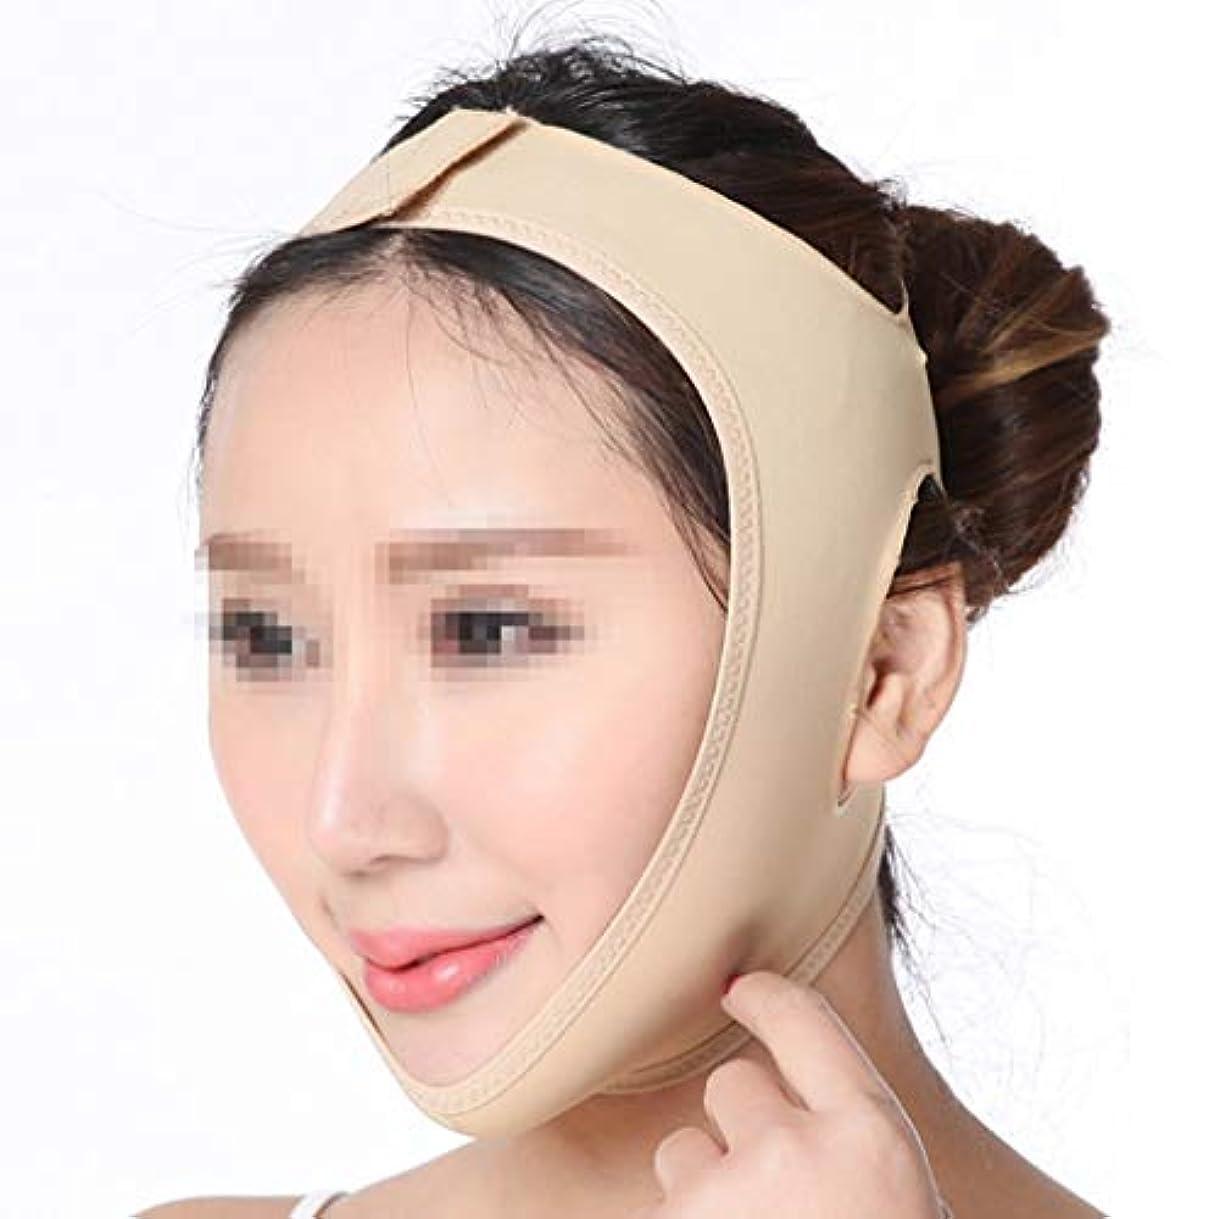 買うボウリングバレルフェイスリフティング包帯、Vフェイス薄型フェイスマスクフェイスリフティング包帯リフティングVフェイスマスク (Size : L)